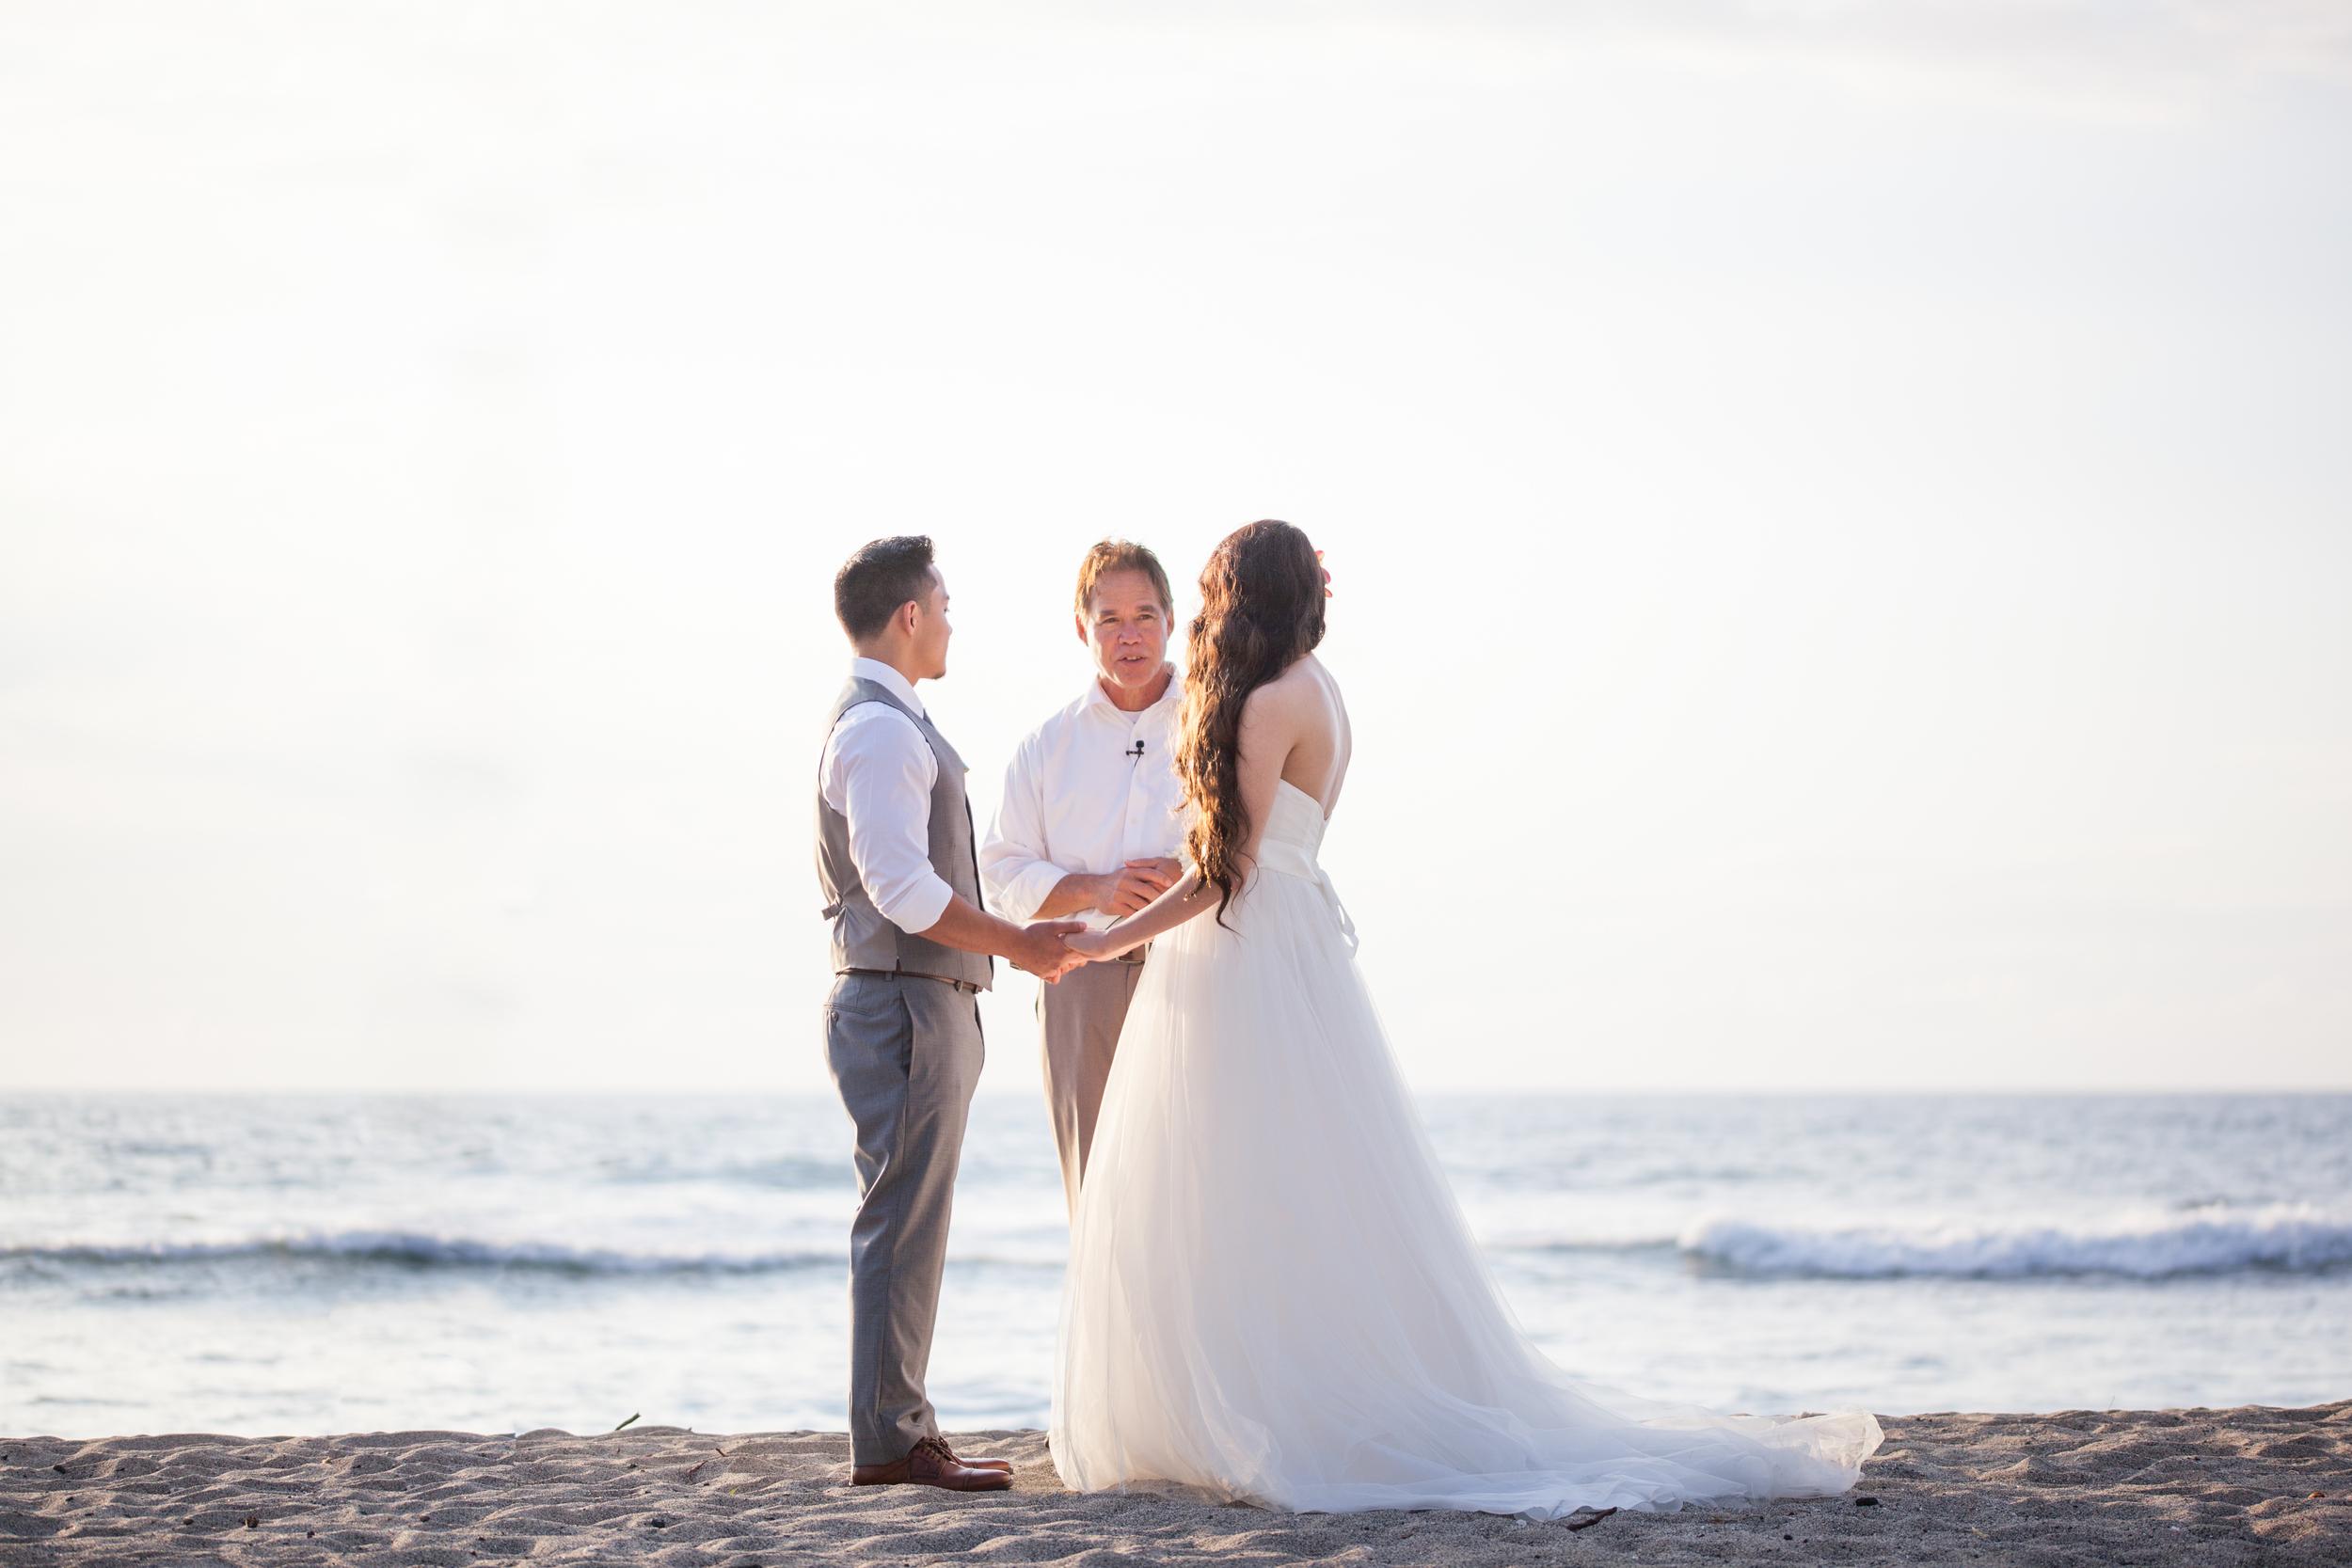 big island hawaii mauna lani resort wedding © kelilina photography 20160523181842-1.jpg